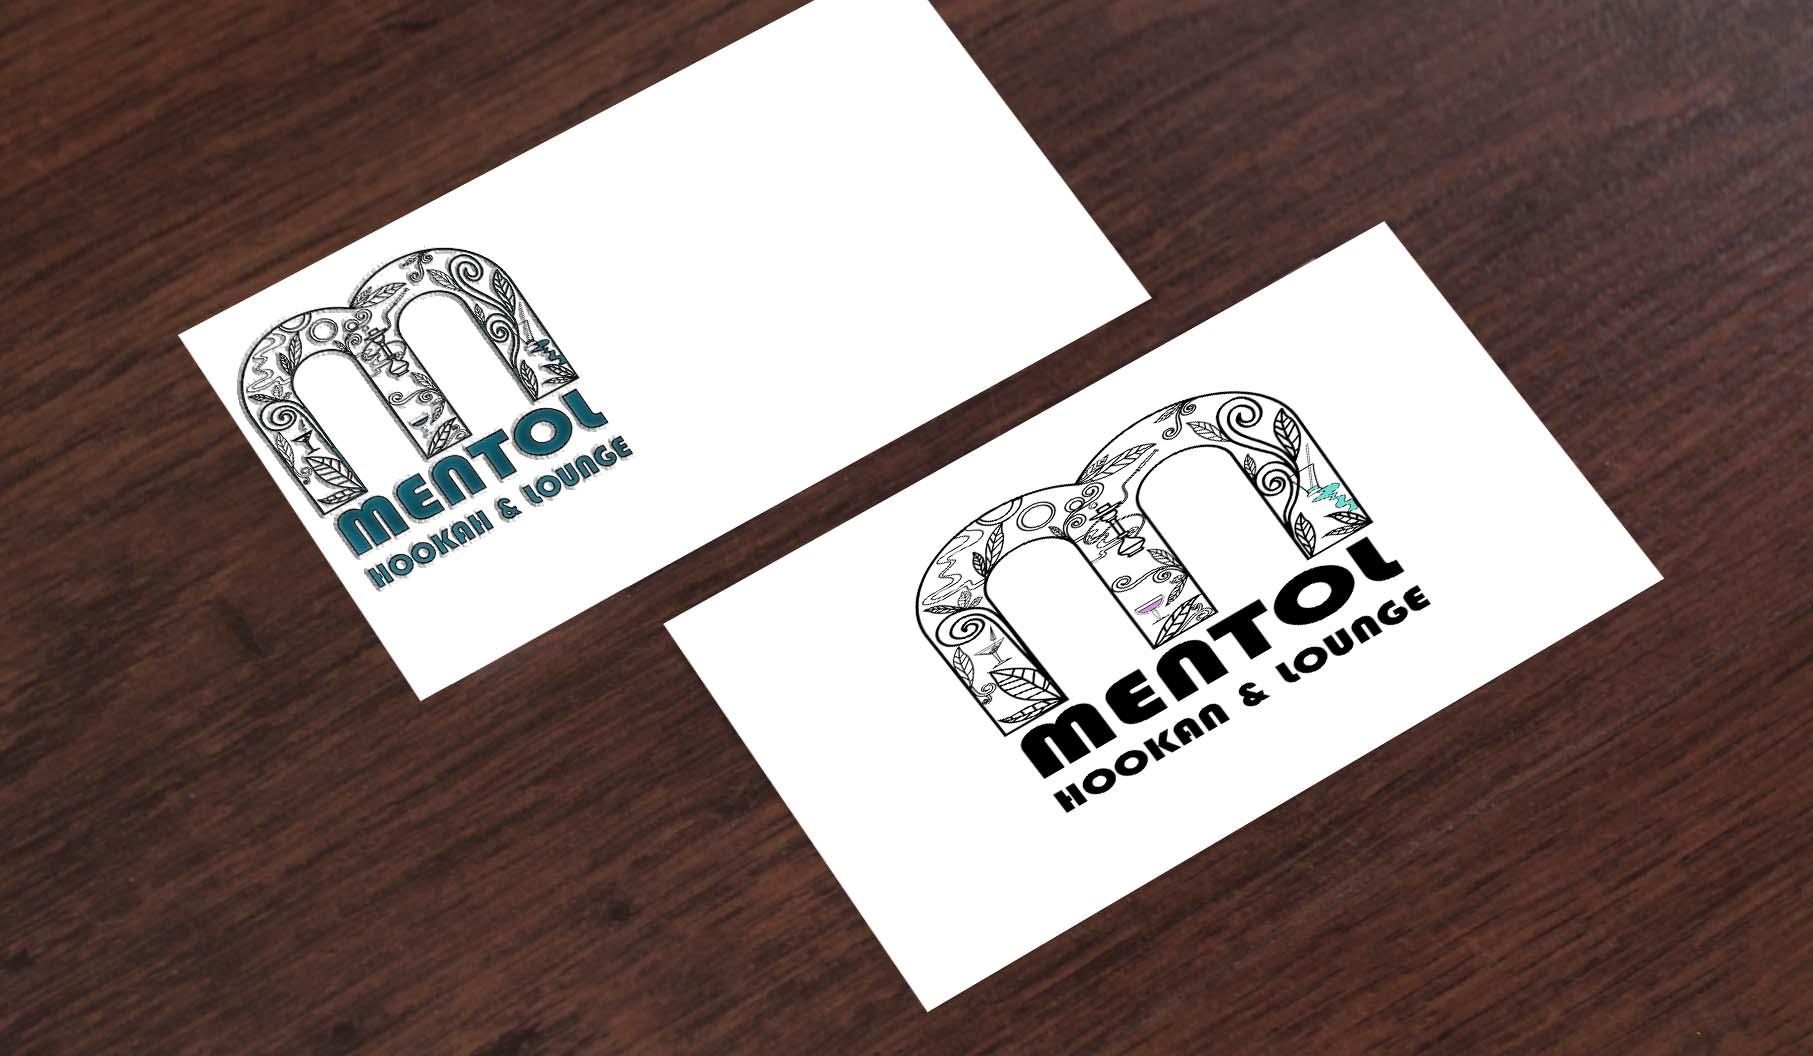 Создать логотип для кальянной!!! фото f_3325e11cbef4cf93.jpg